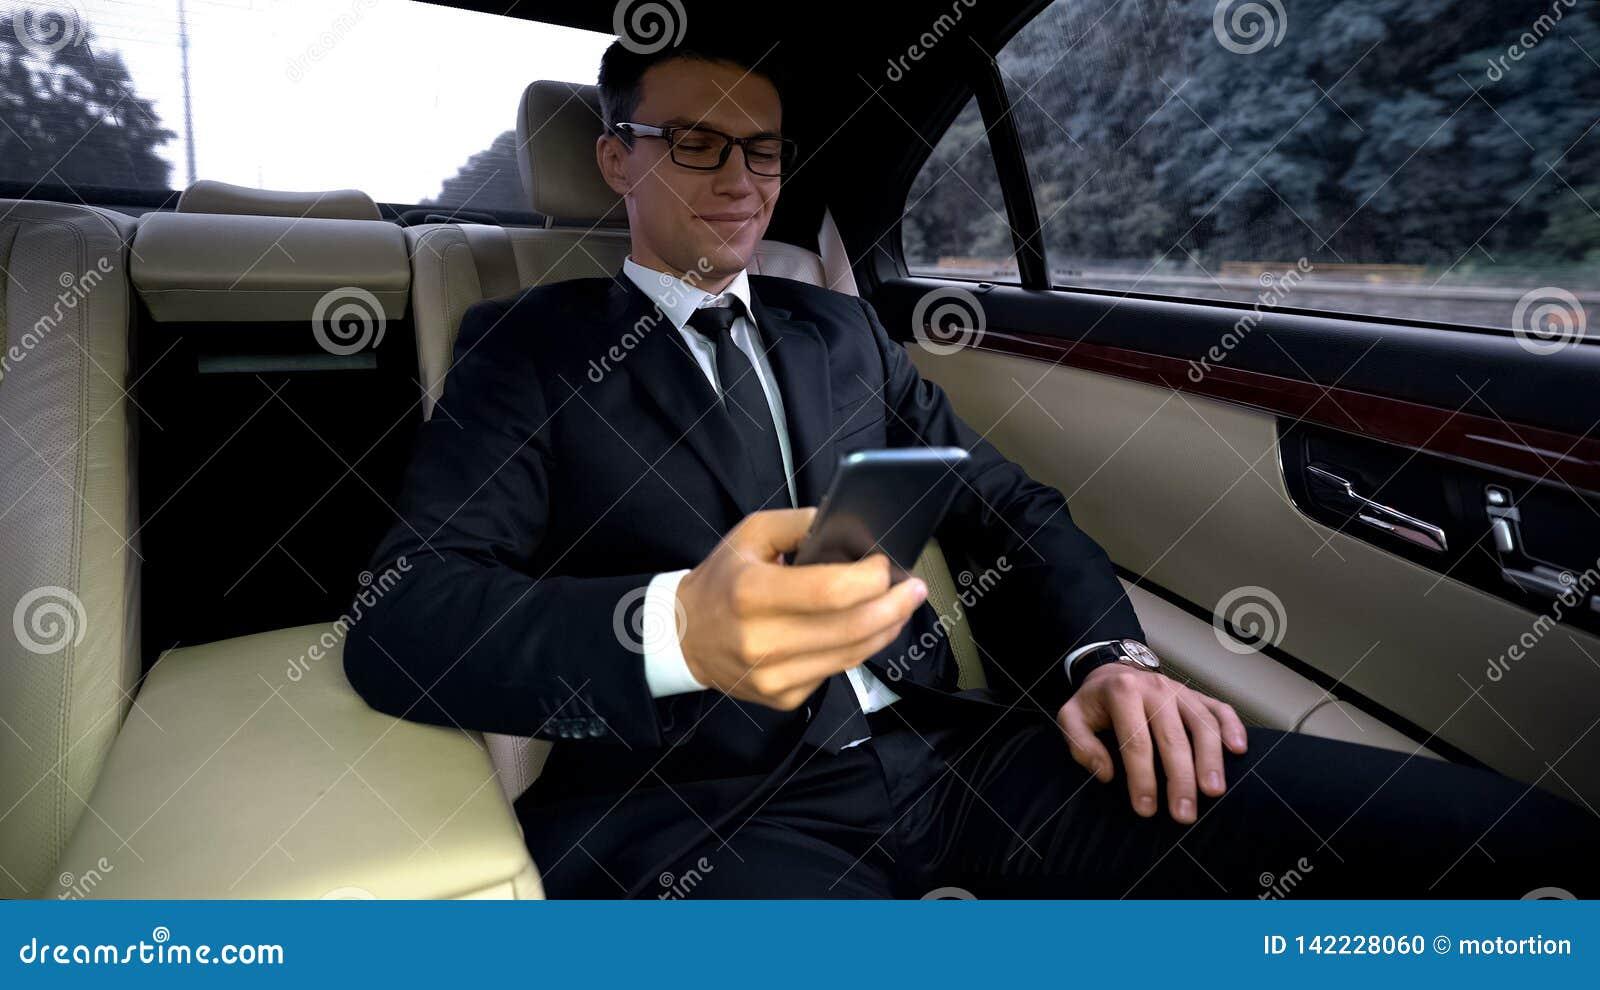 Ευχαριστημένος επιχειρηματίας που οδηγά στο backseat του ακριβού αυτοκινήτου, που χρησιμοποιεί το τηλέφωνο app